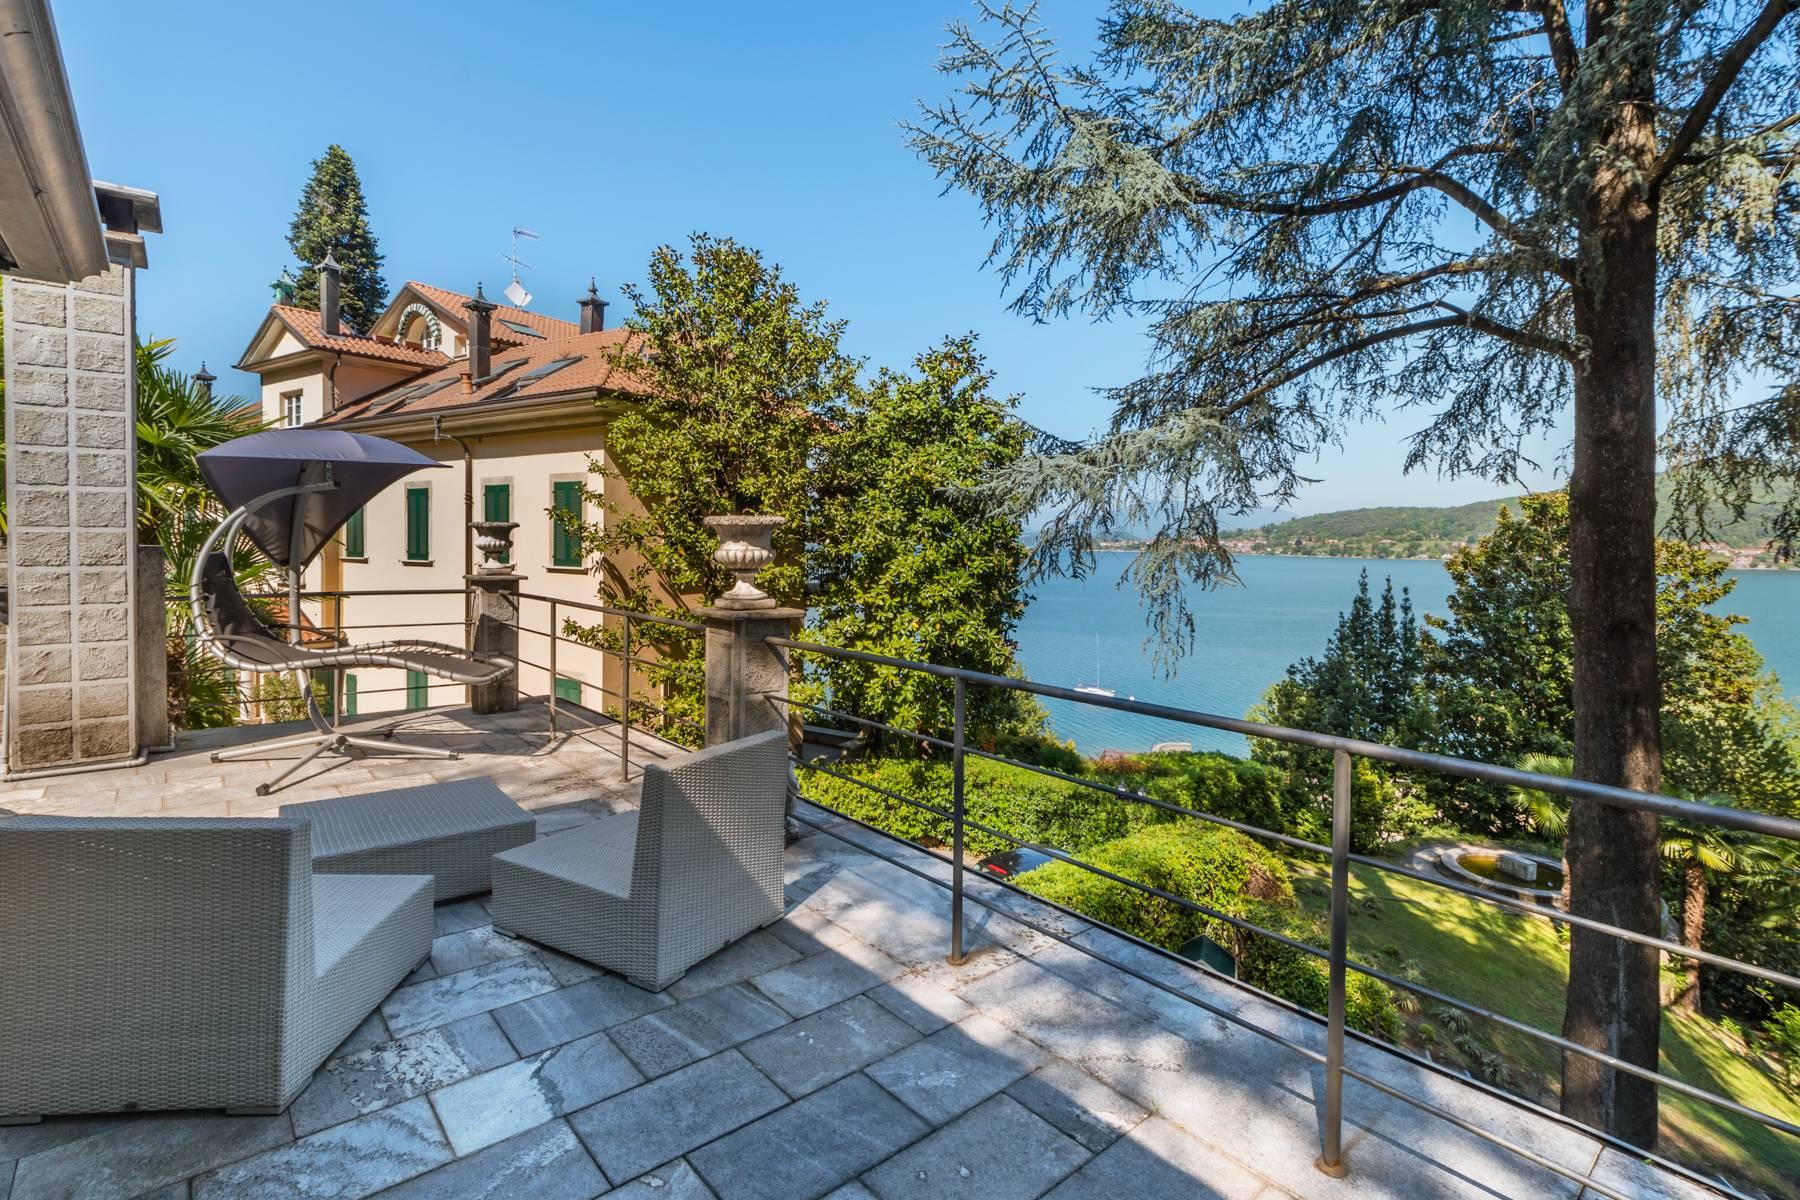 Villa in Vendita a Meina: 5 locali, 250 mq - Foto 2